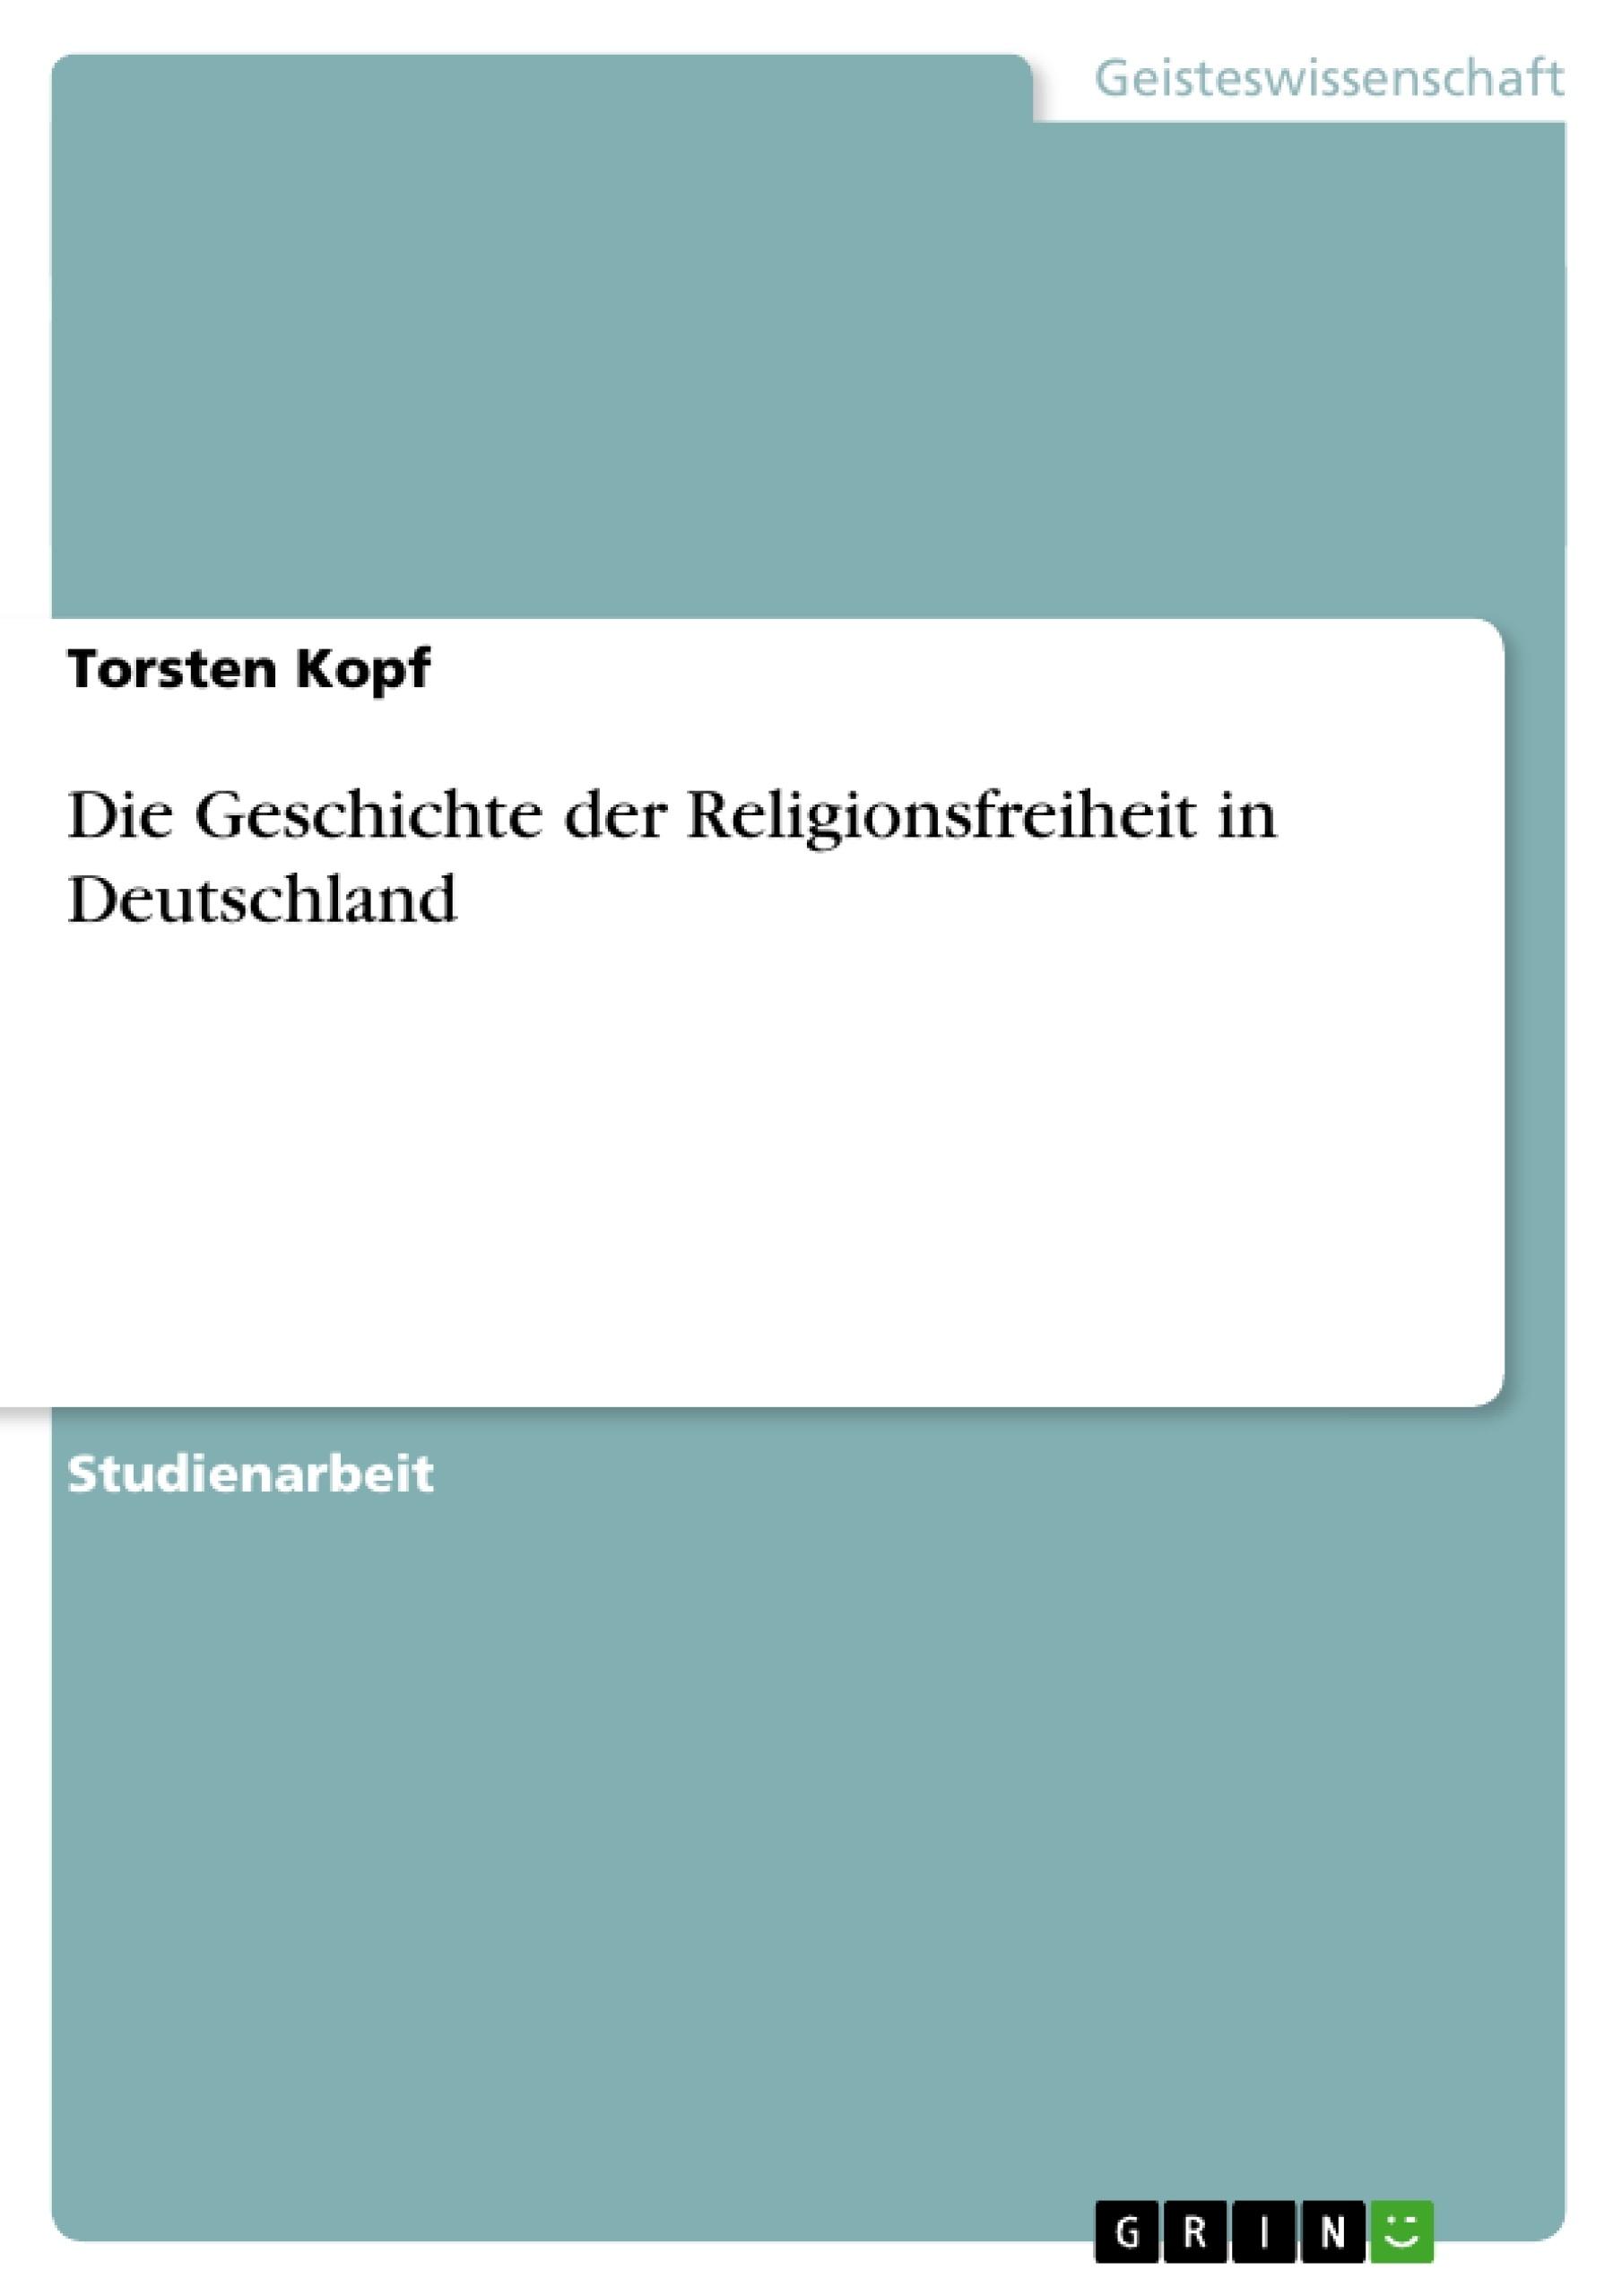 Titel: Die Geschichte der Religionsfreiheit in Deutschland